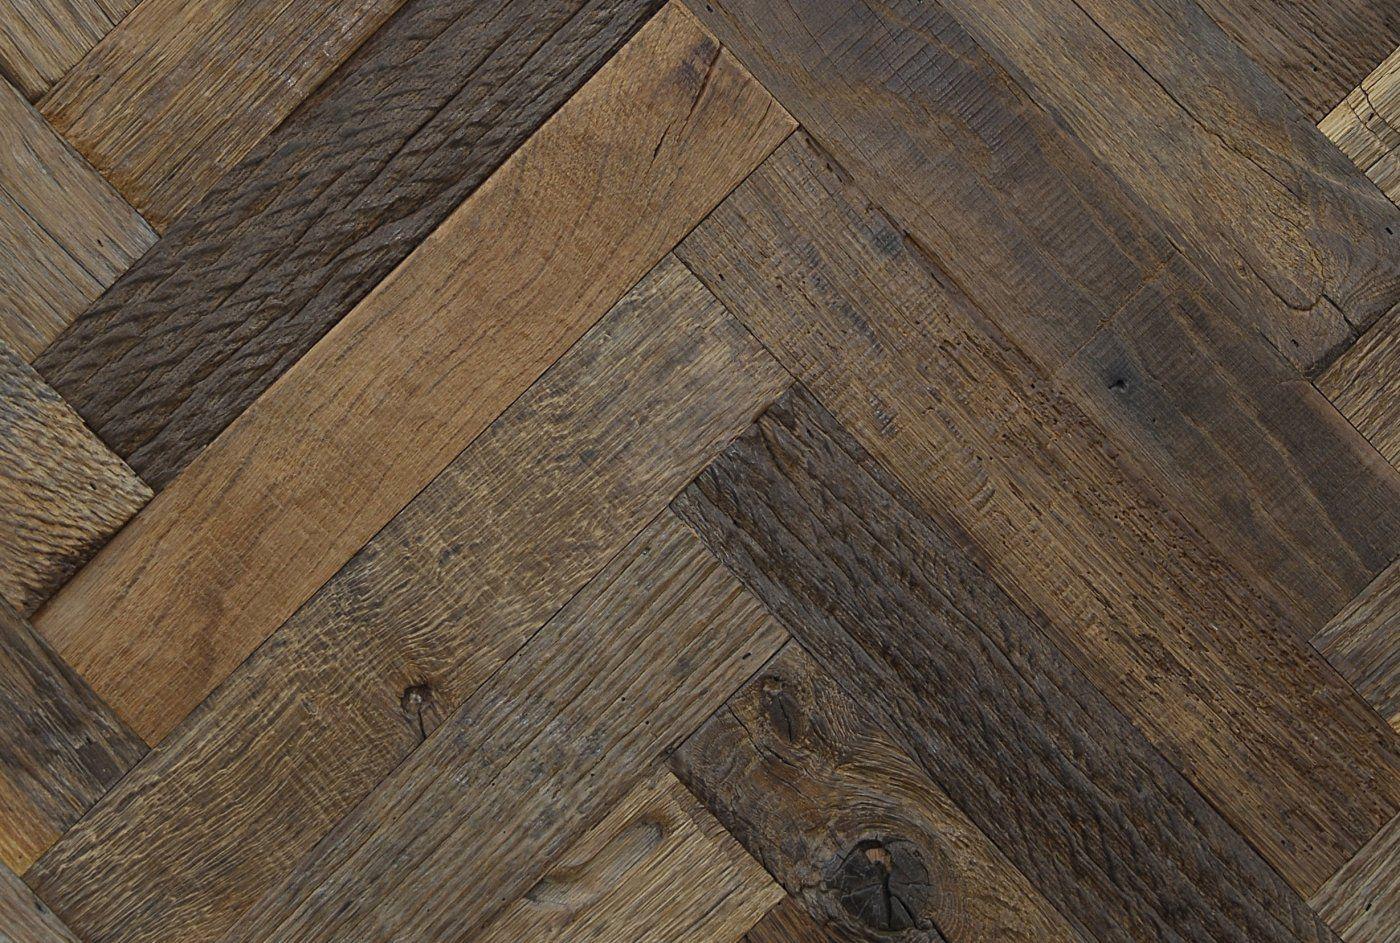 Ondervloer Eiken Vloer : Oude eiken vloeren geschikt voor vloerverwarming. een 6mm toplaag